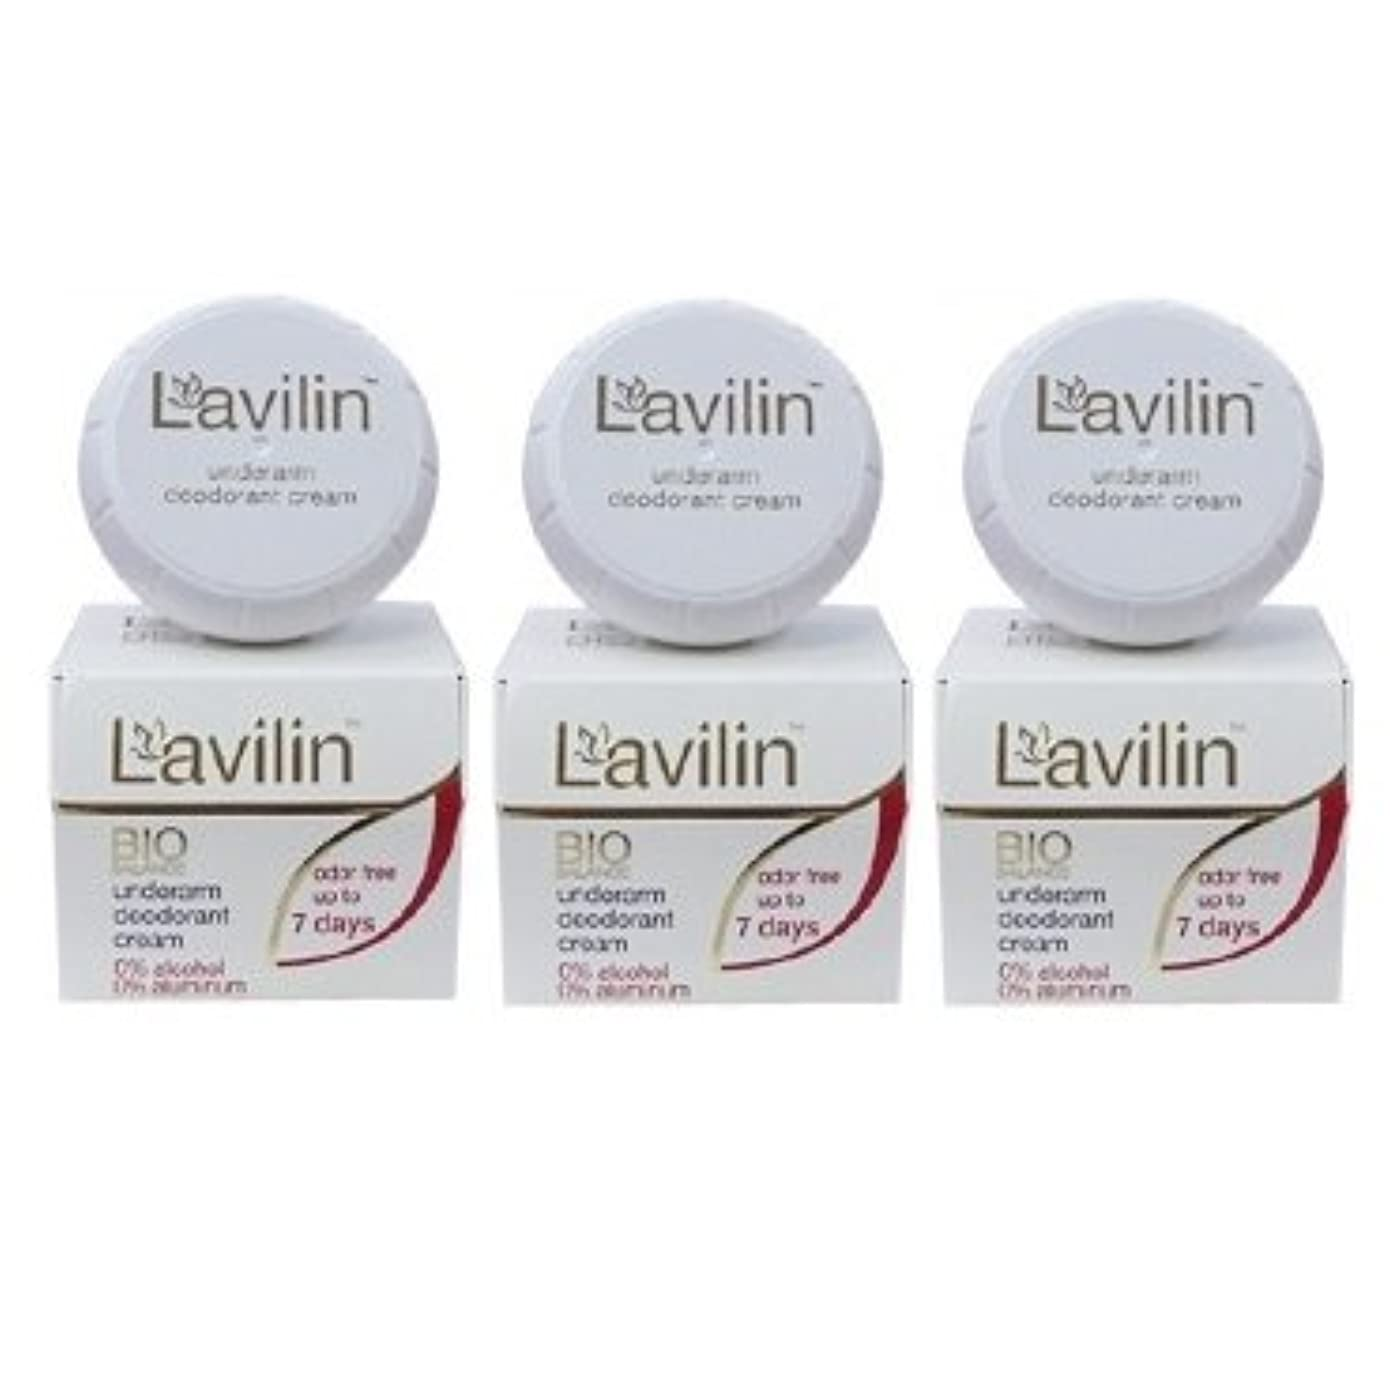 [3個セット][海外直送品][並行輸入品]ラヴィリン アンダーアームクリーム 12.5g(10cc) LAVILIN Under Arm